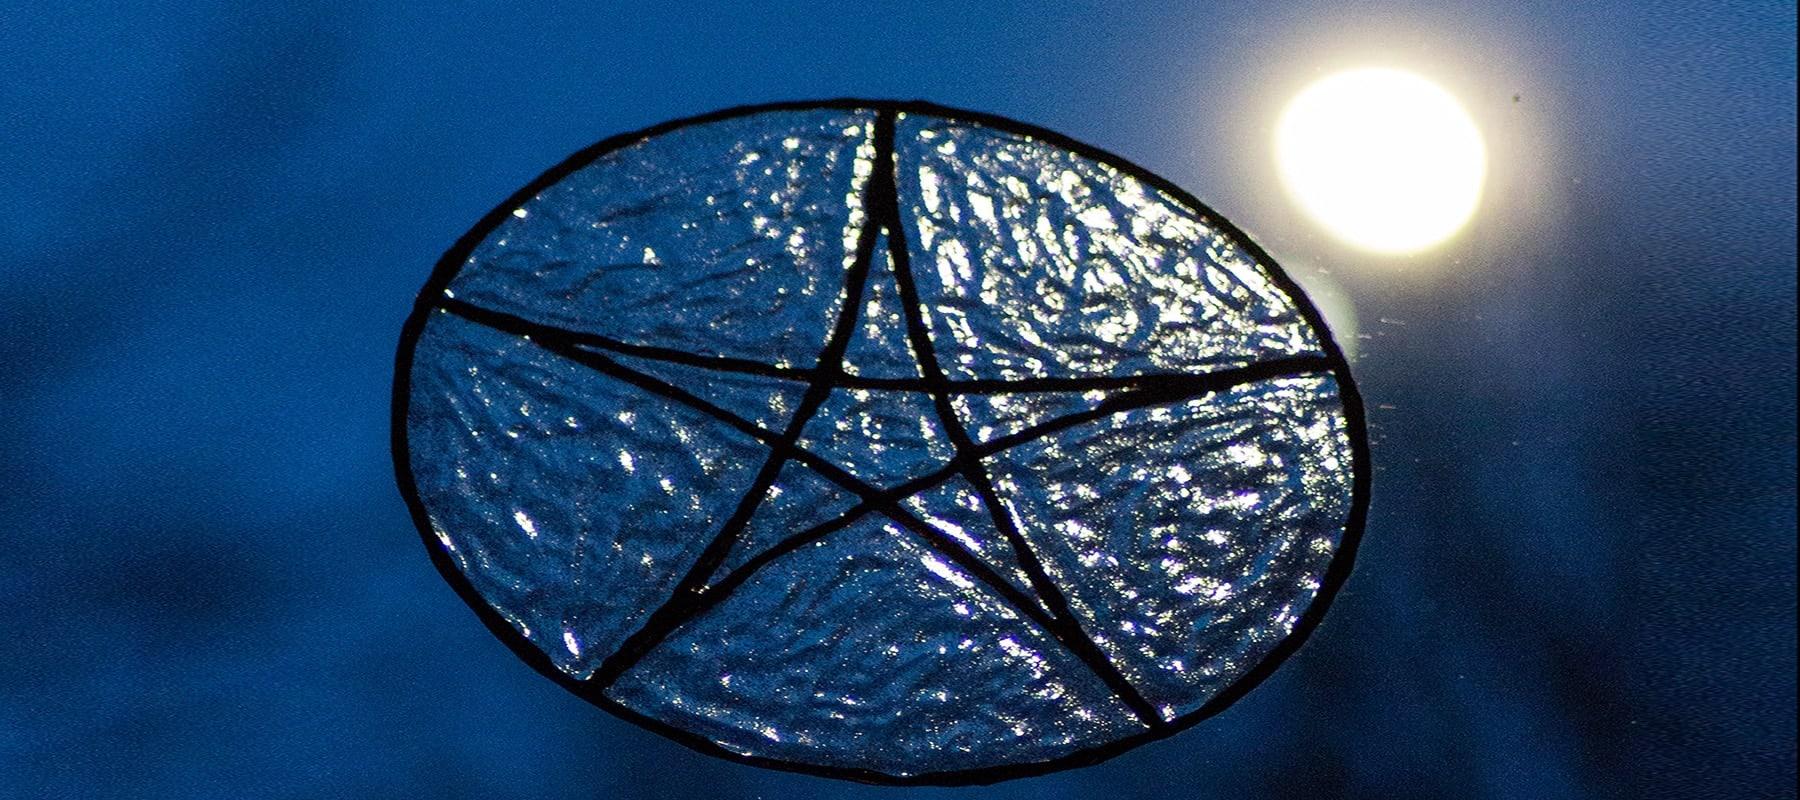 Pentagramm Mond Magie